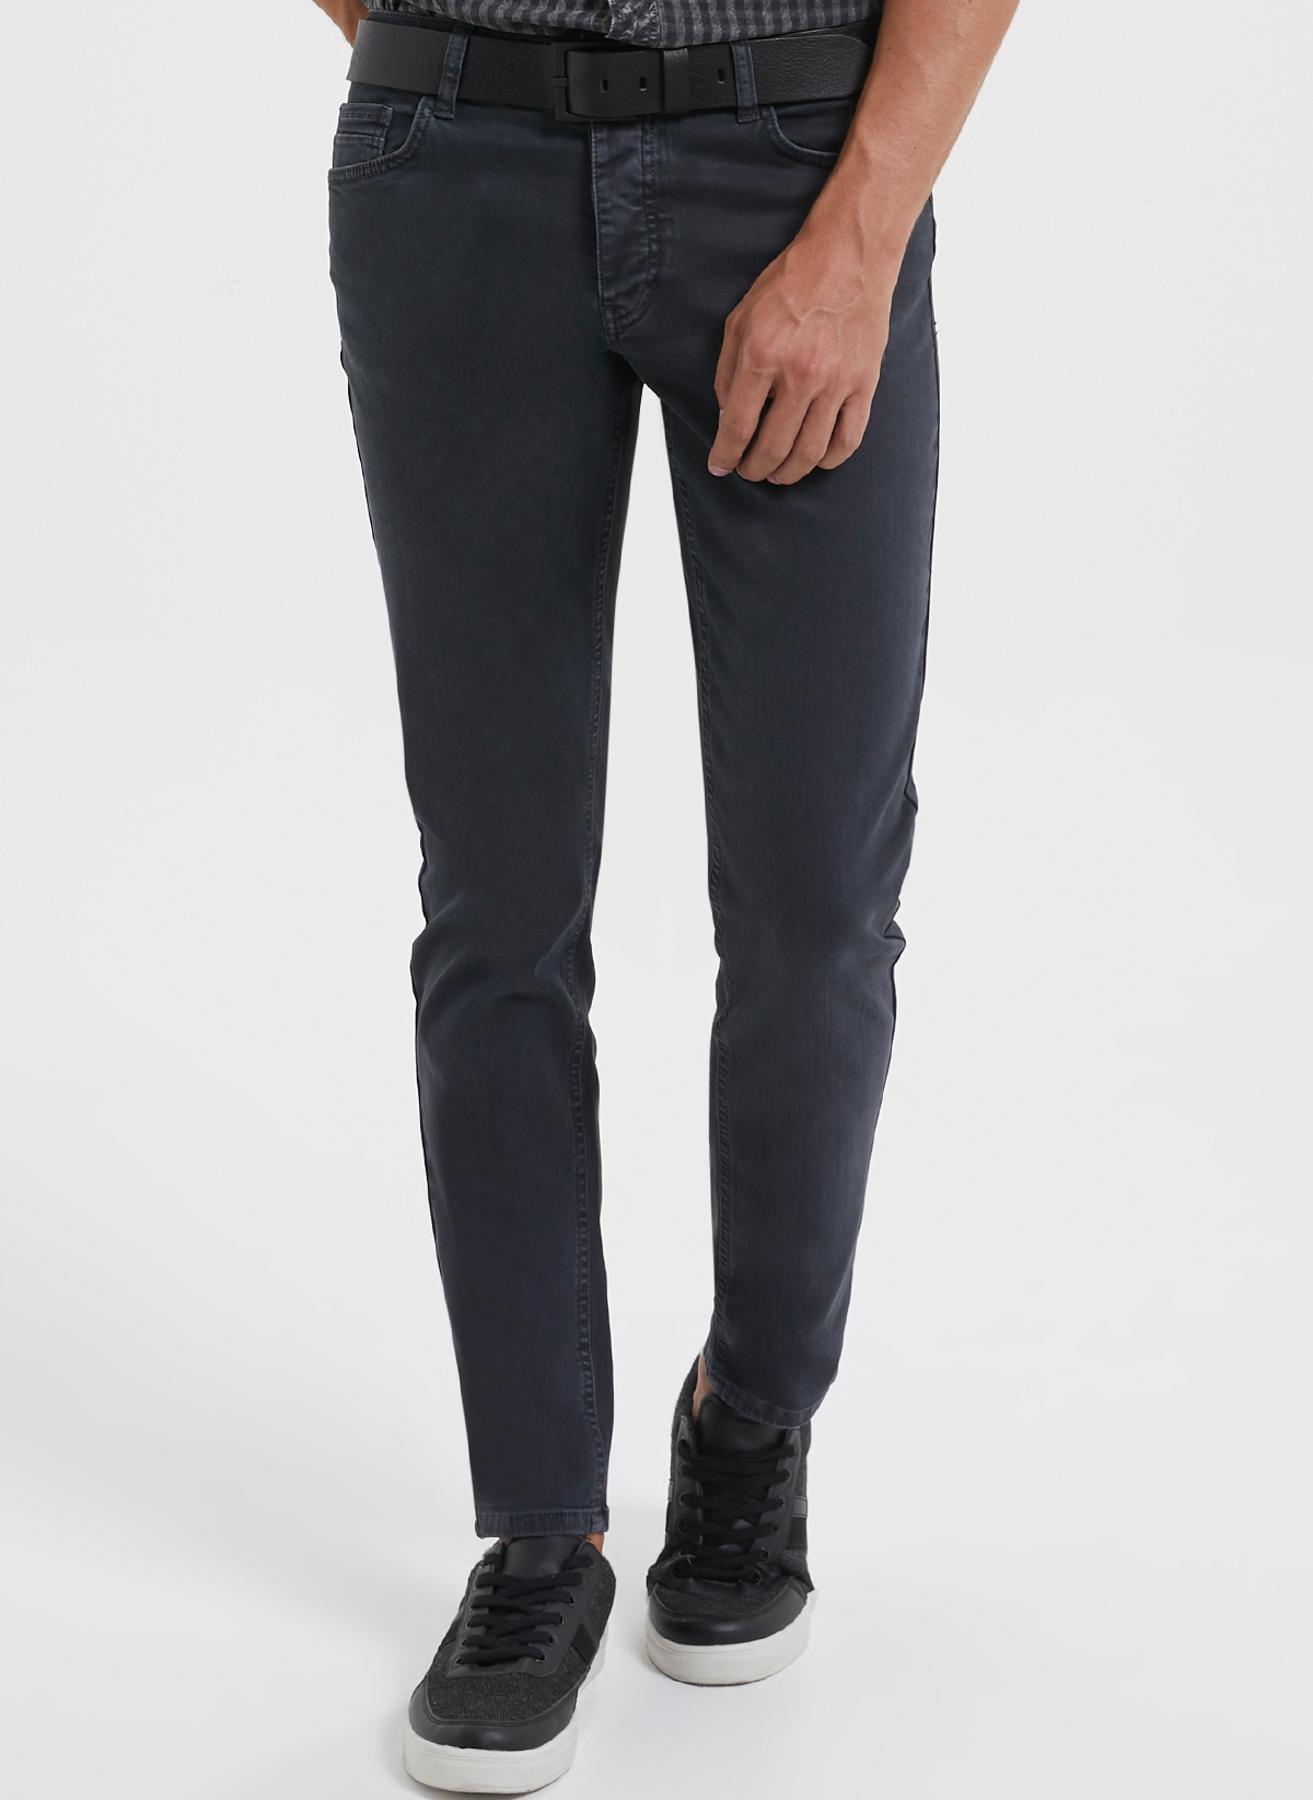 Loft Düşük Bel Siyah Klasik Pantolon 30-30 5001733864003 Ürün Resmi